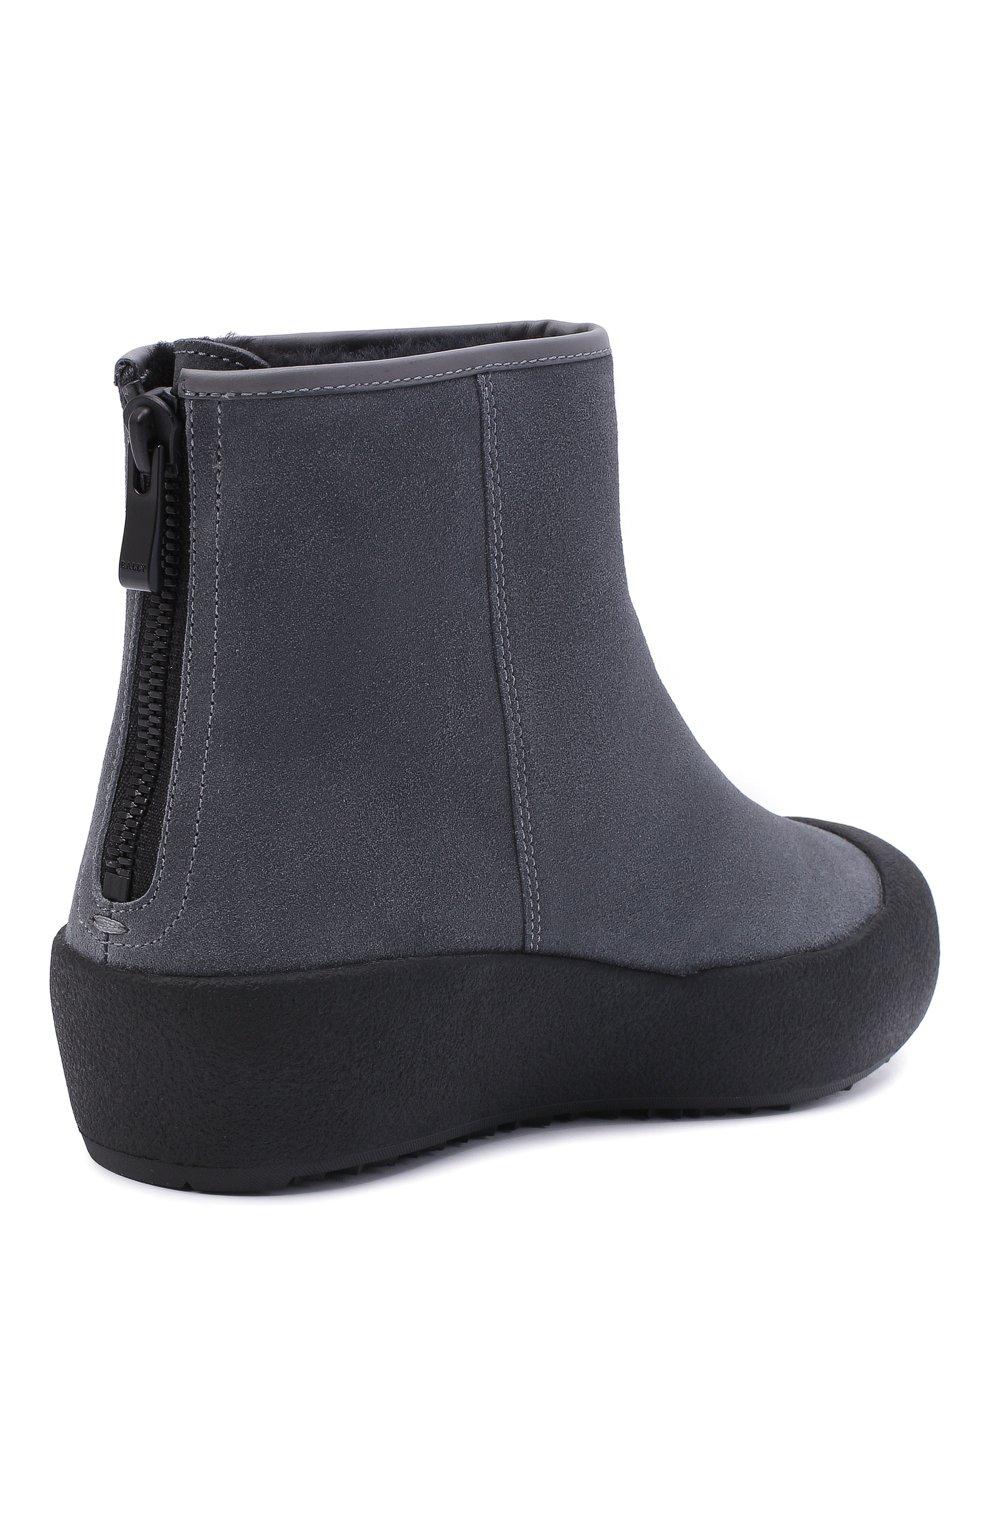 Женские замшевые ботинки guard ii BALLY серого цвета, арт. GUARD II L-NEW/25 | Фото 4